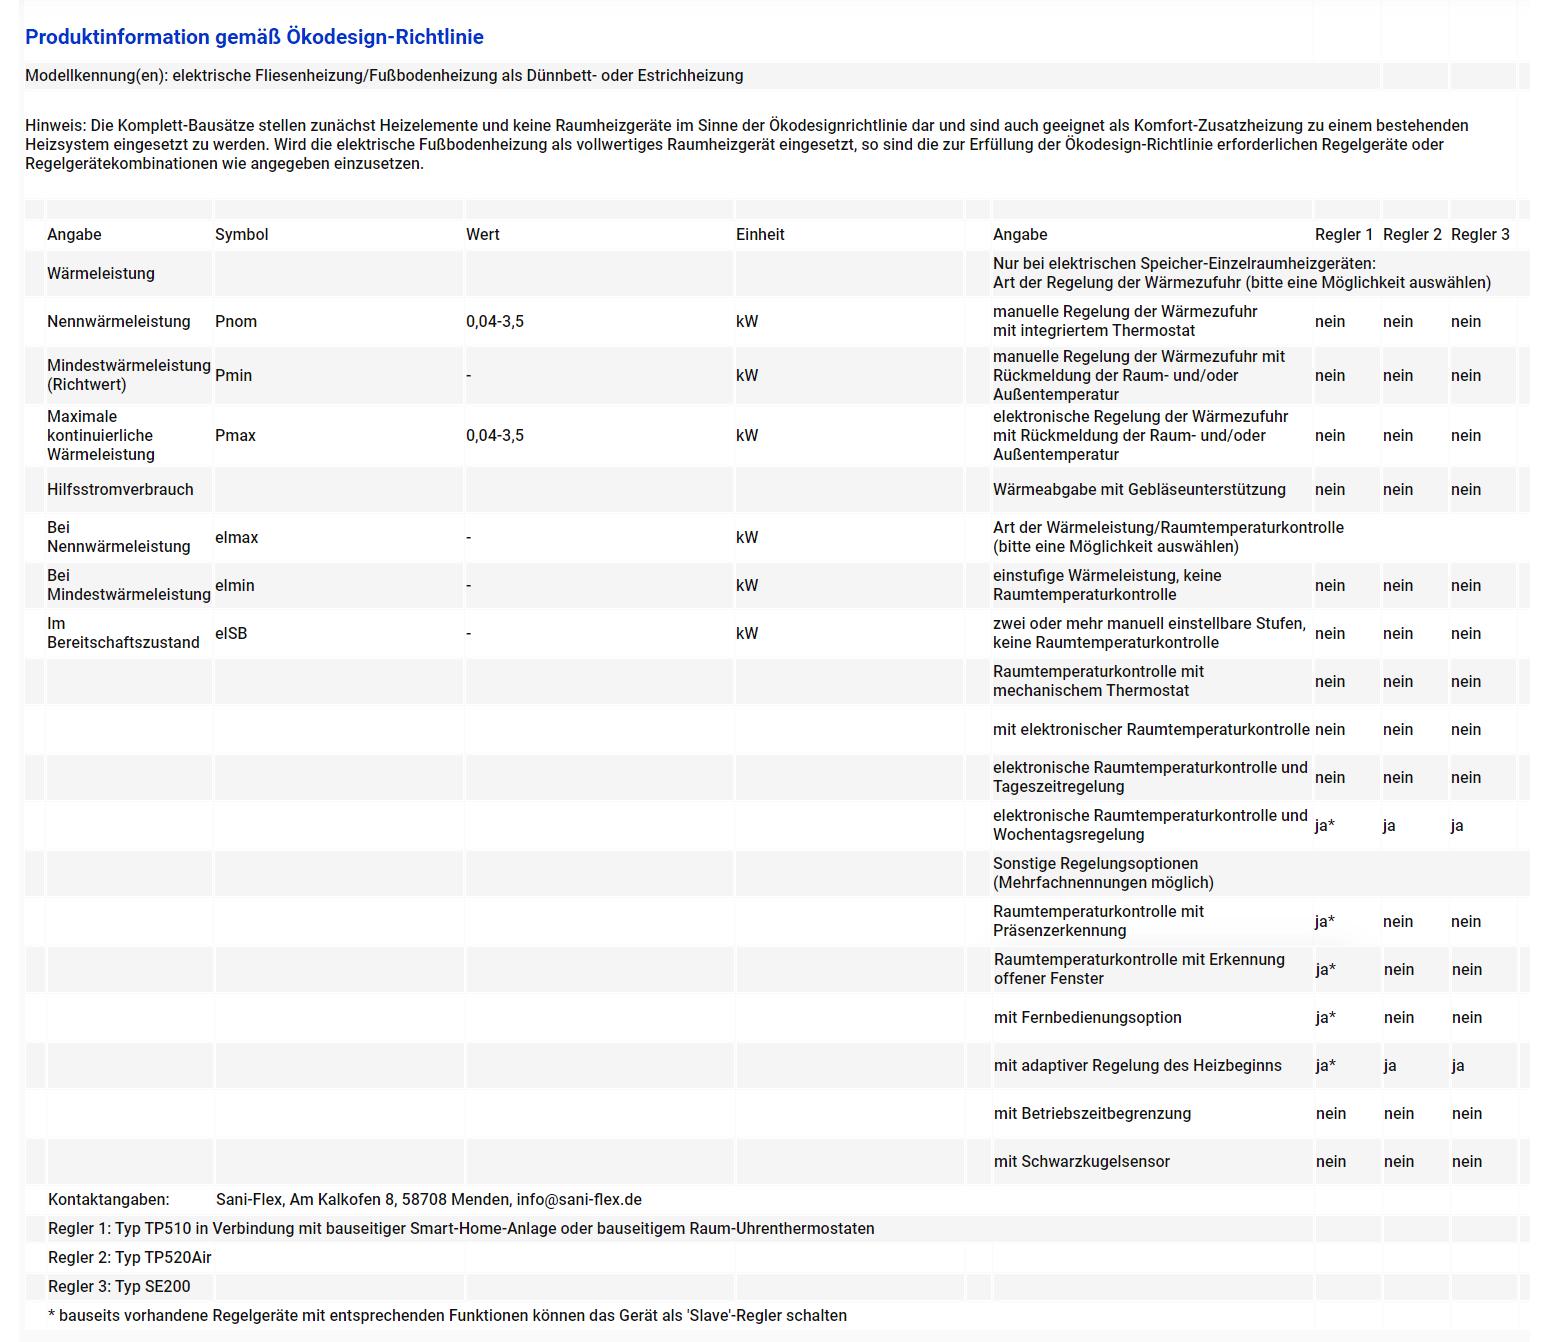 Produktinformation gemäß Ökodesign-Richtlinie